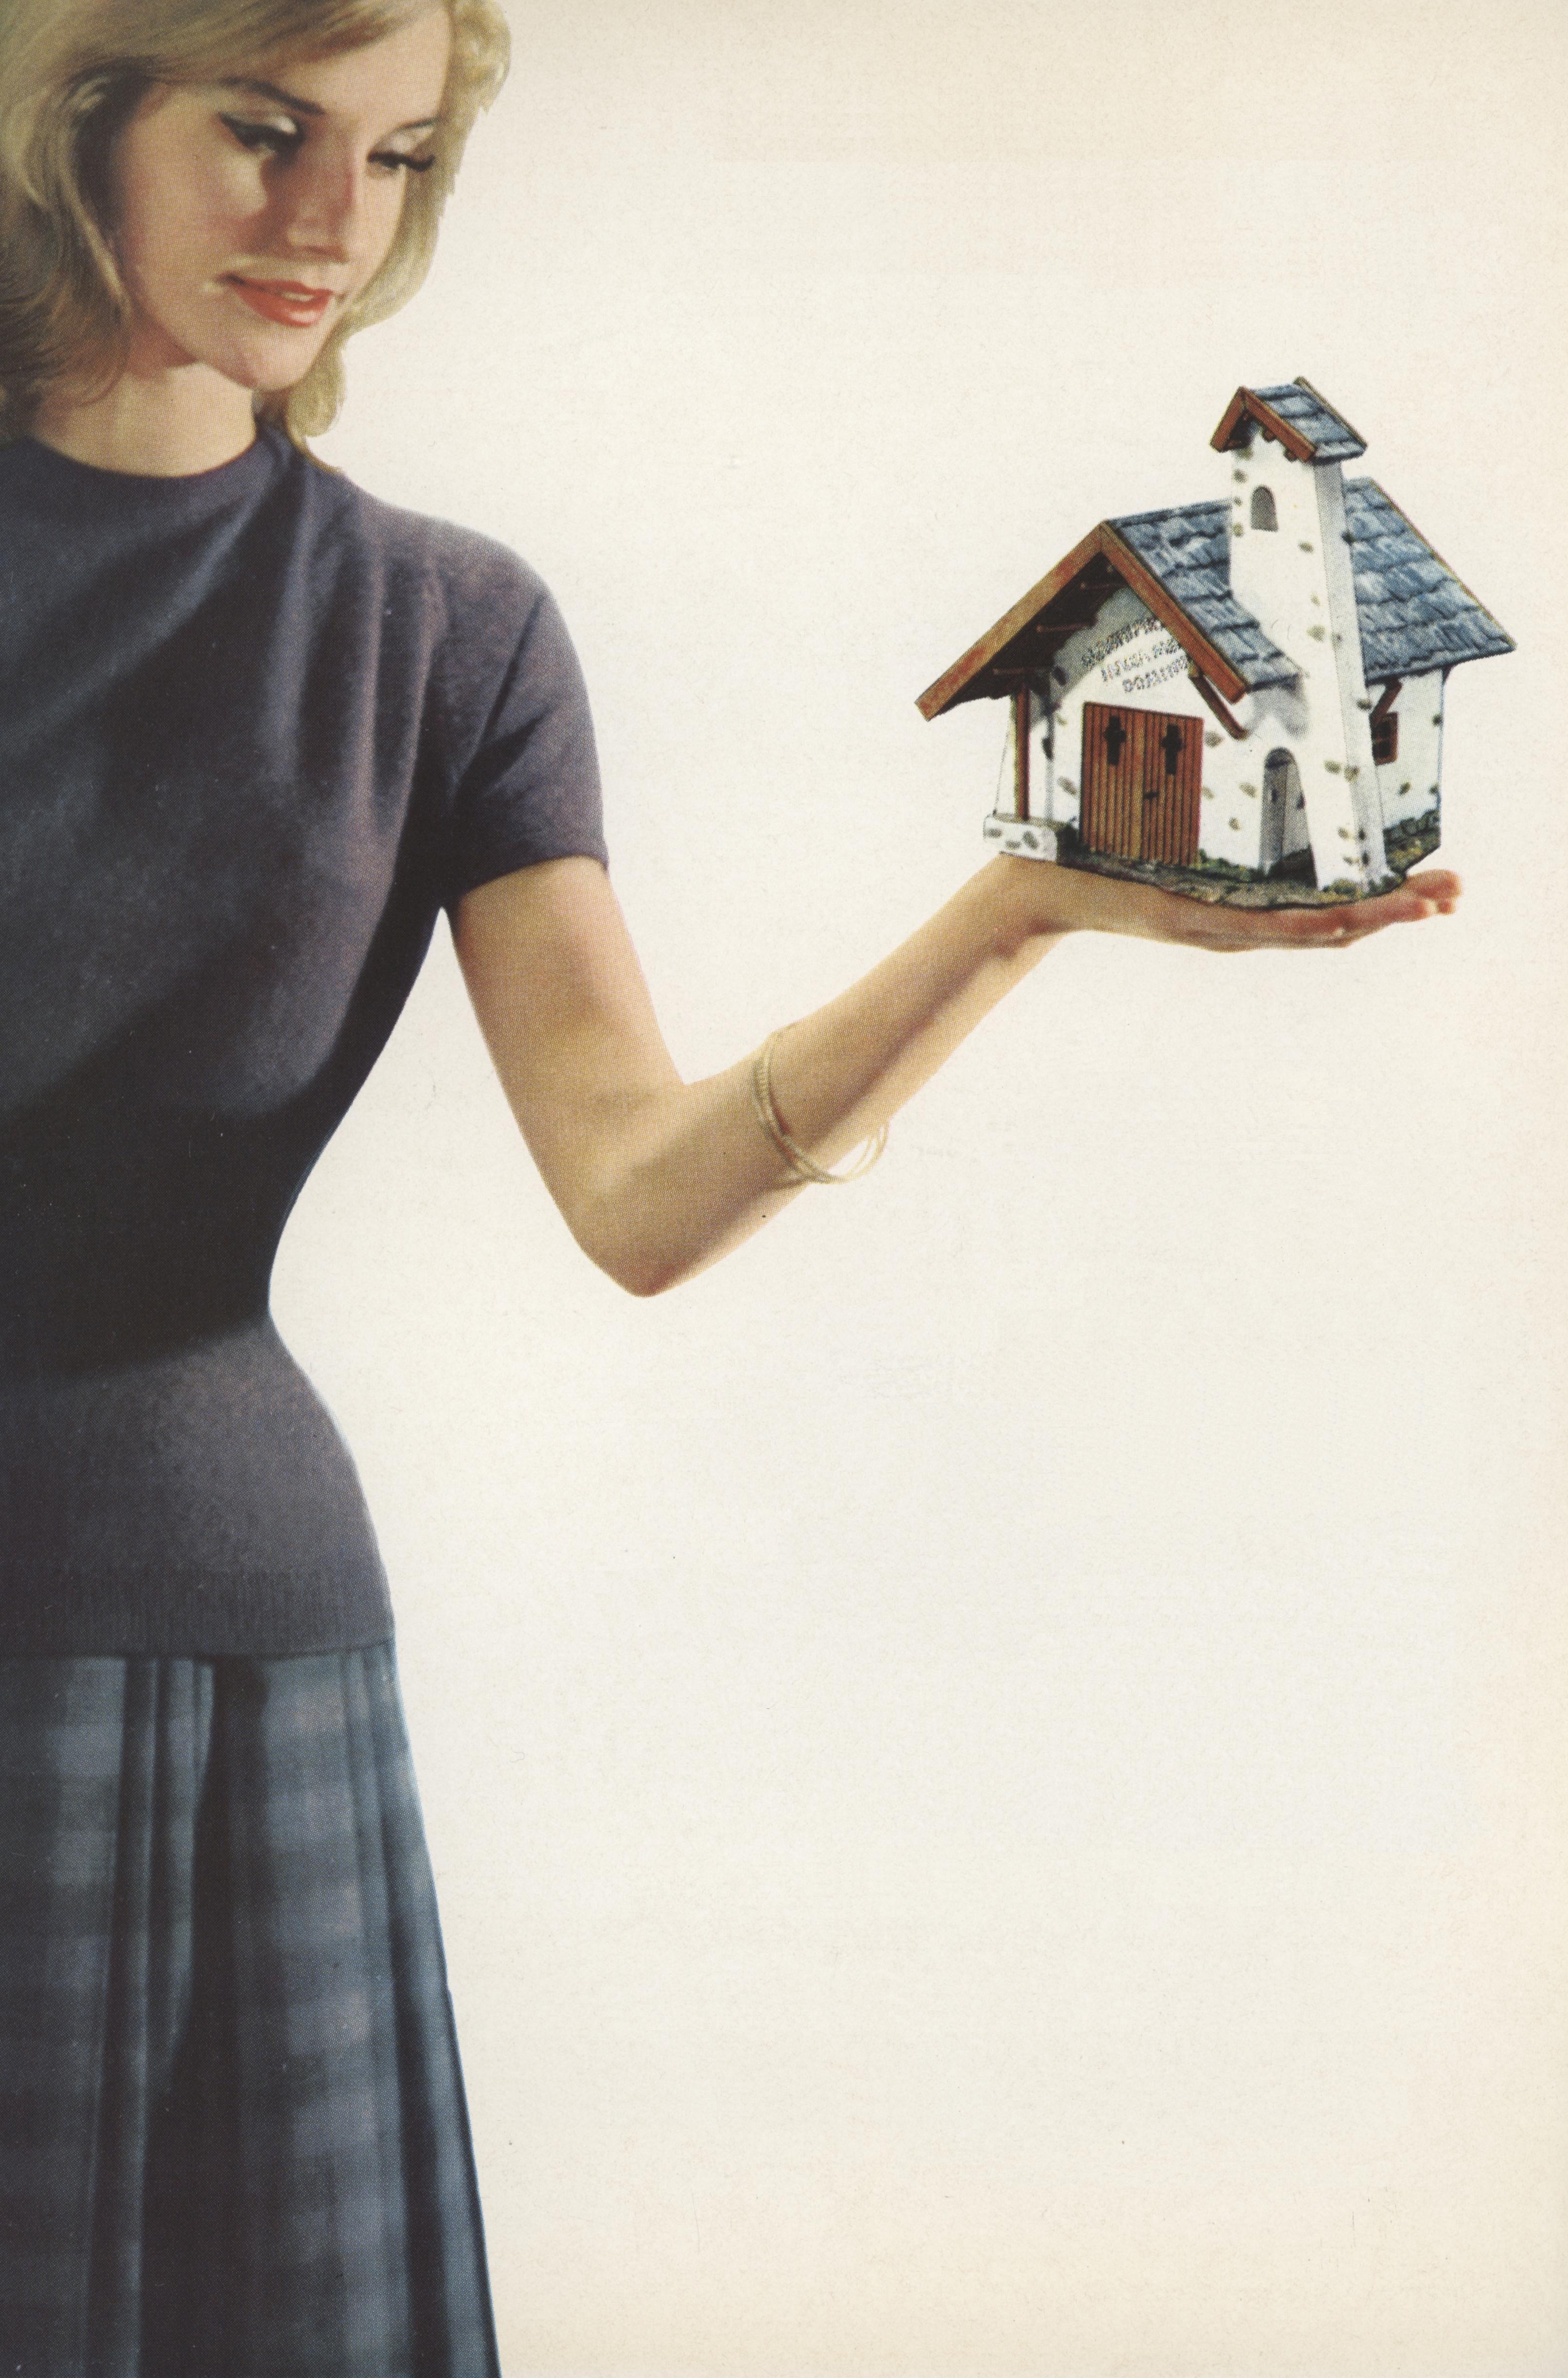 """Nicht ganz maßstabsgerecht, aber äußerst fotogen präsentiert: das Faller-Modell """"Kapelle"""" (Bildquelle: Faller-Katalog 1961/62)"""